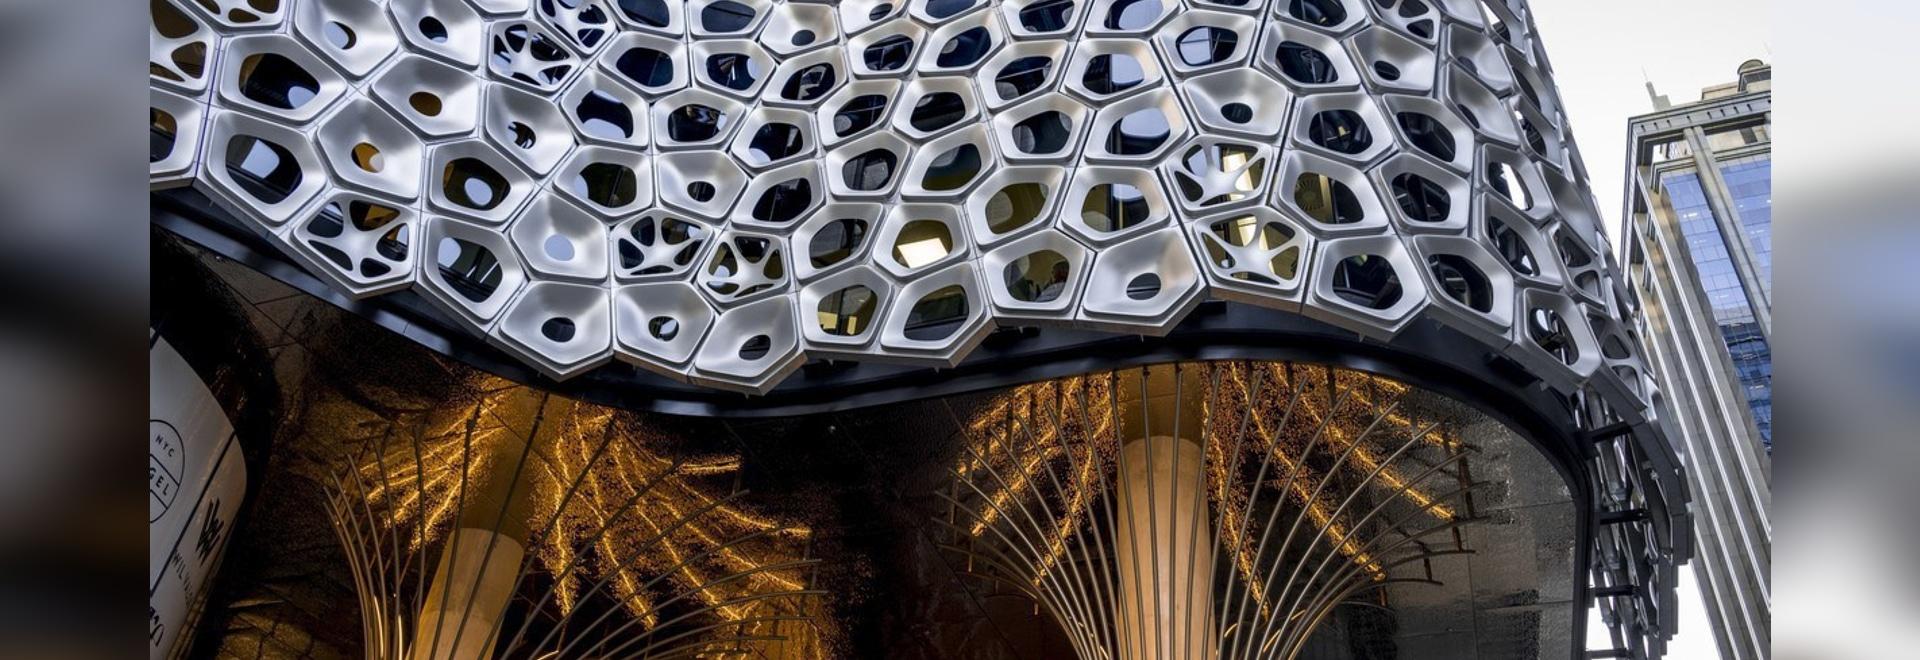 2500 Aluminum Panels Make Up This Sculptural Facade By Australian Artist Alexander Knox